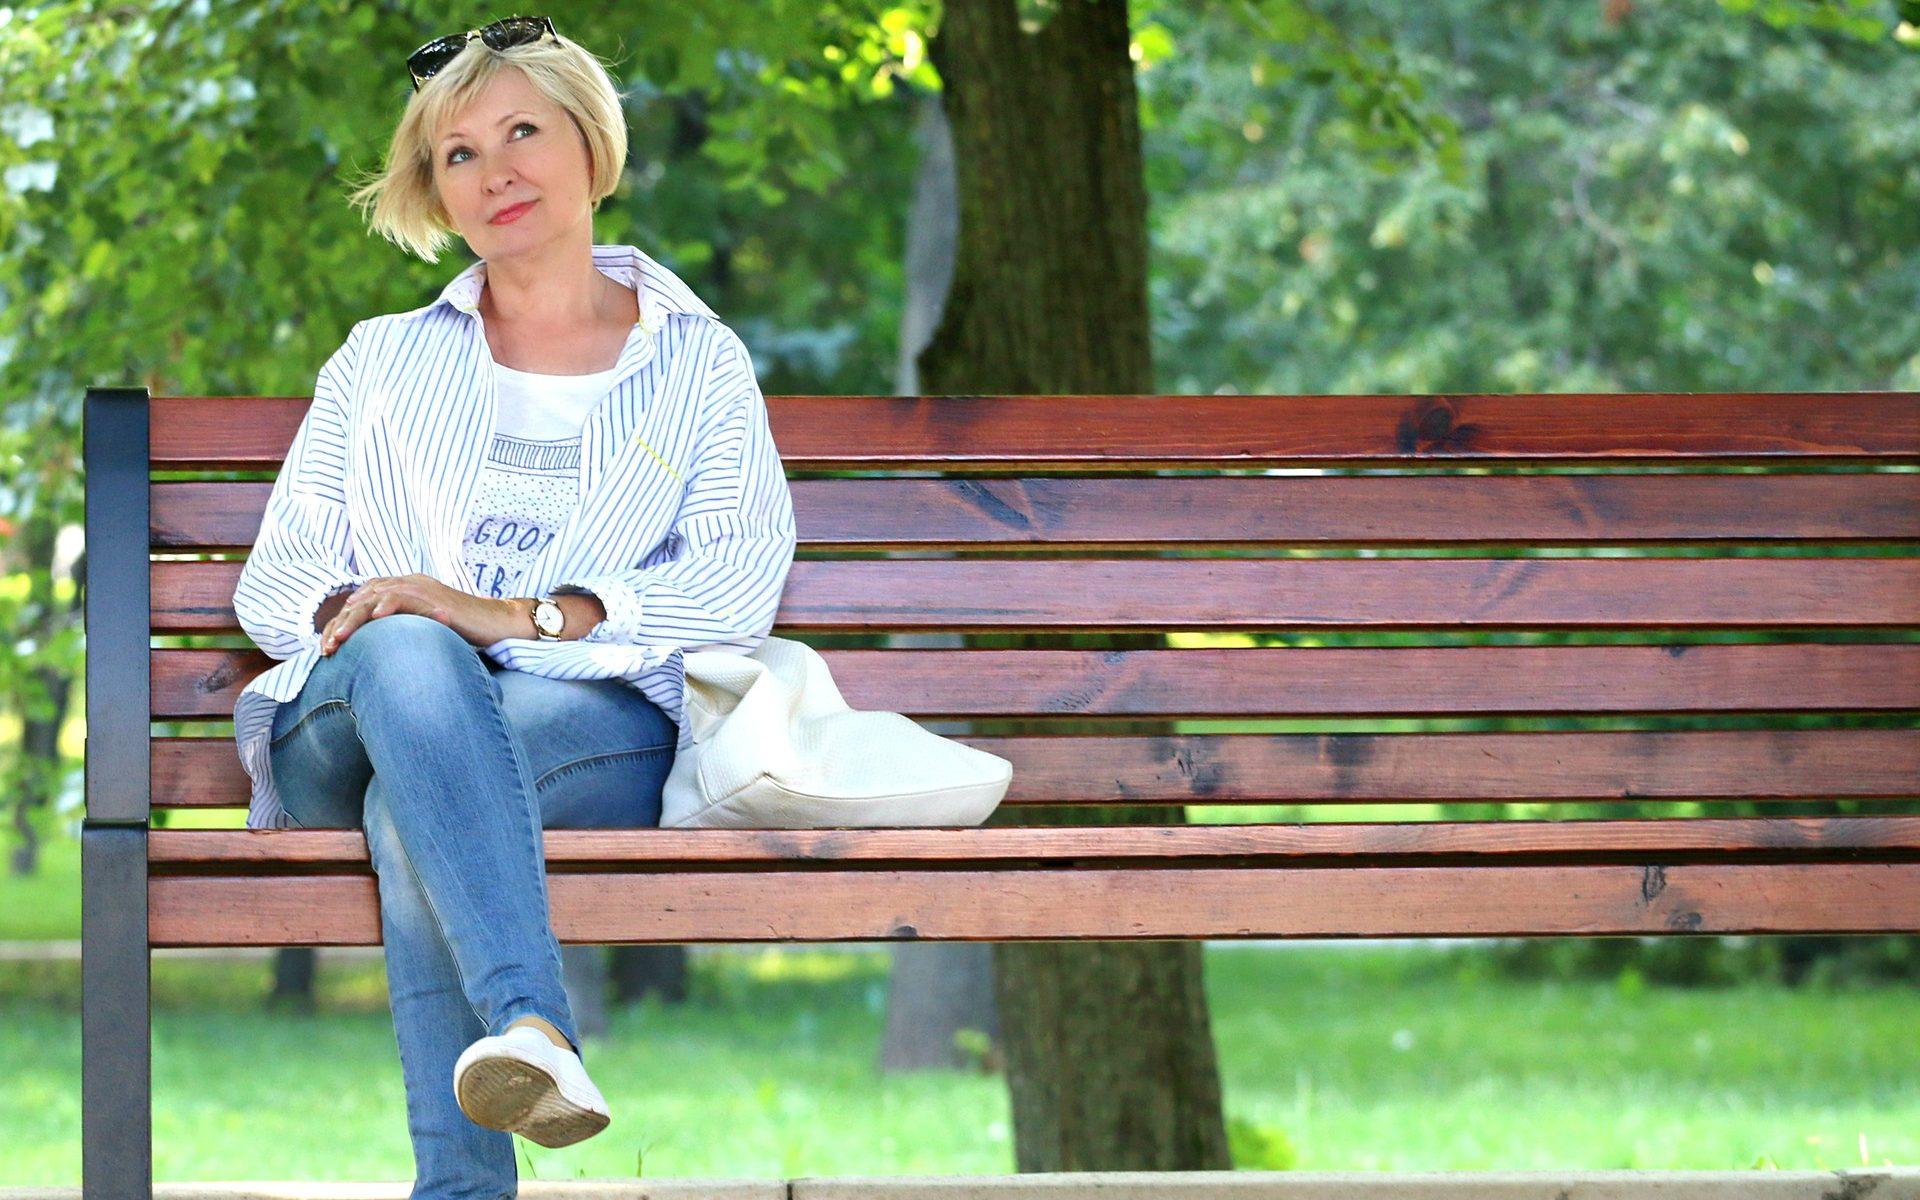 Frau mittleren alters, sittz alleine auf einer Parkbank